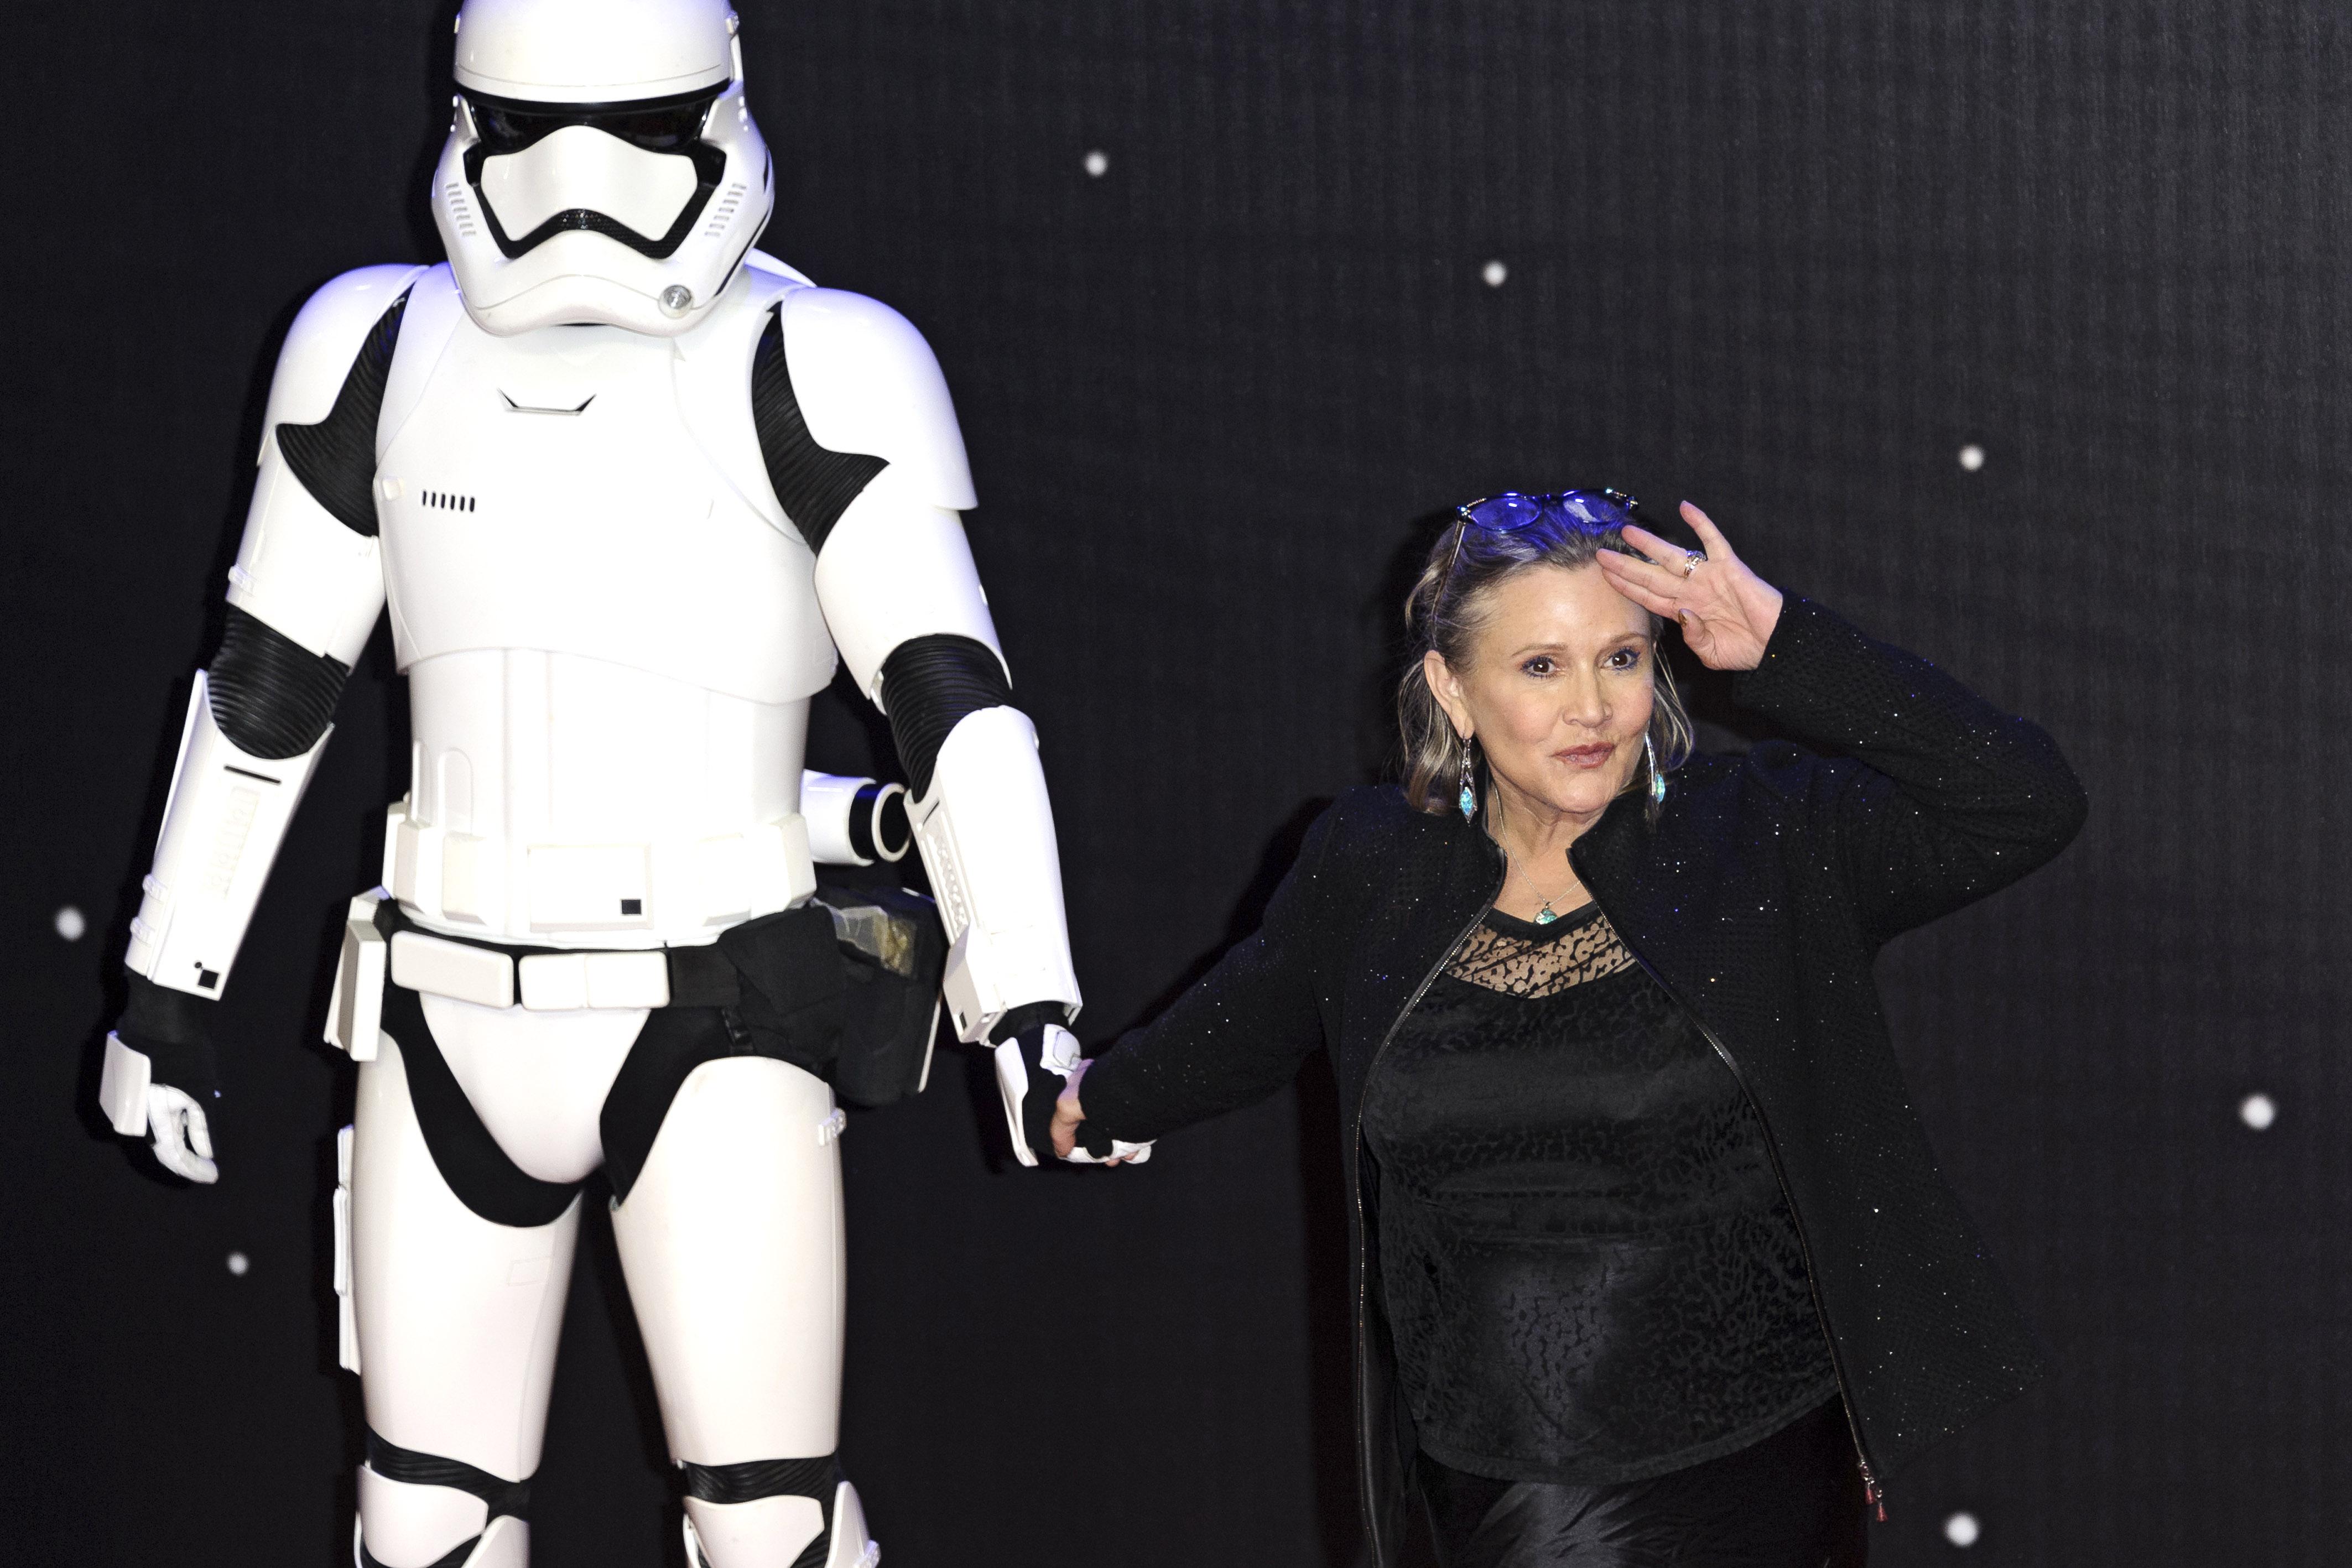 Leia hercegnőt nem támasztják fel digitálisan